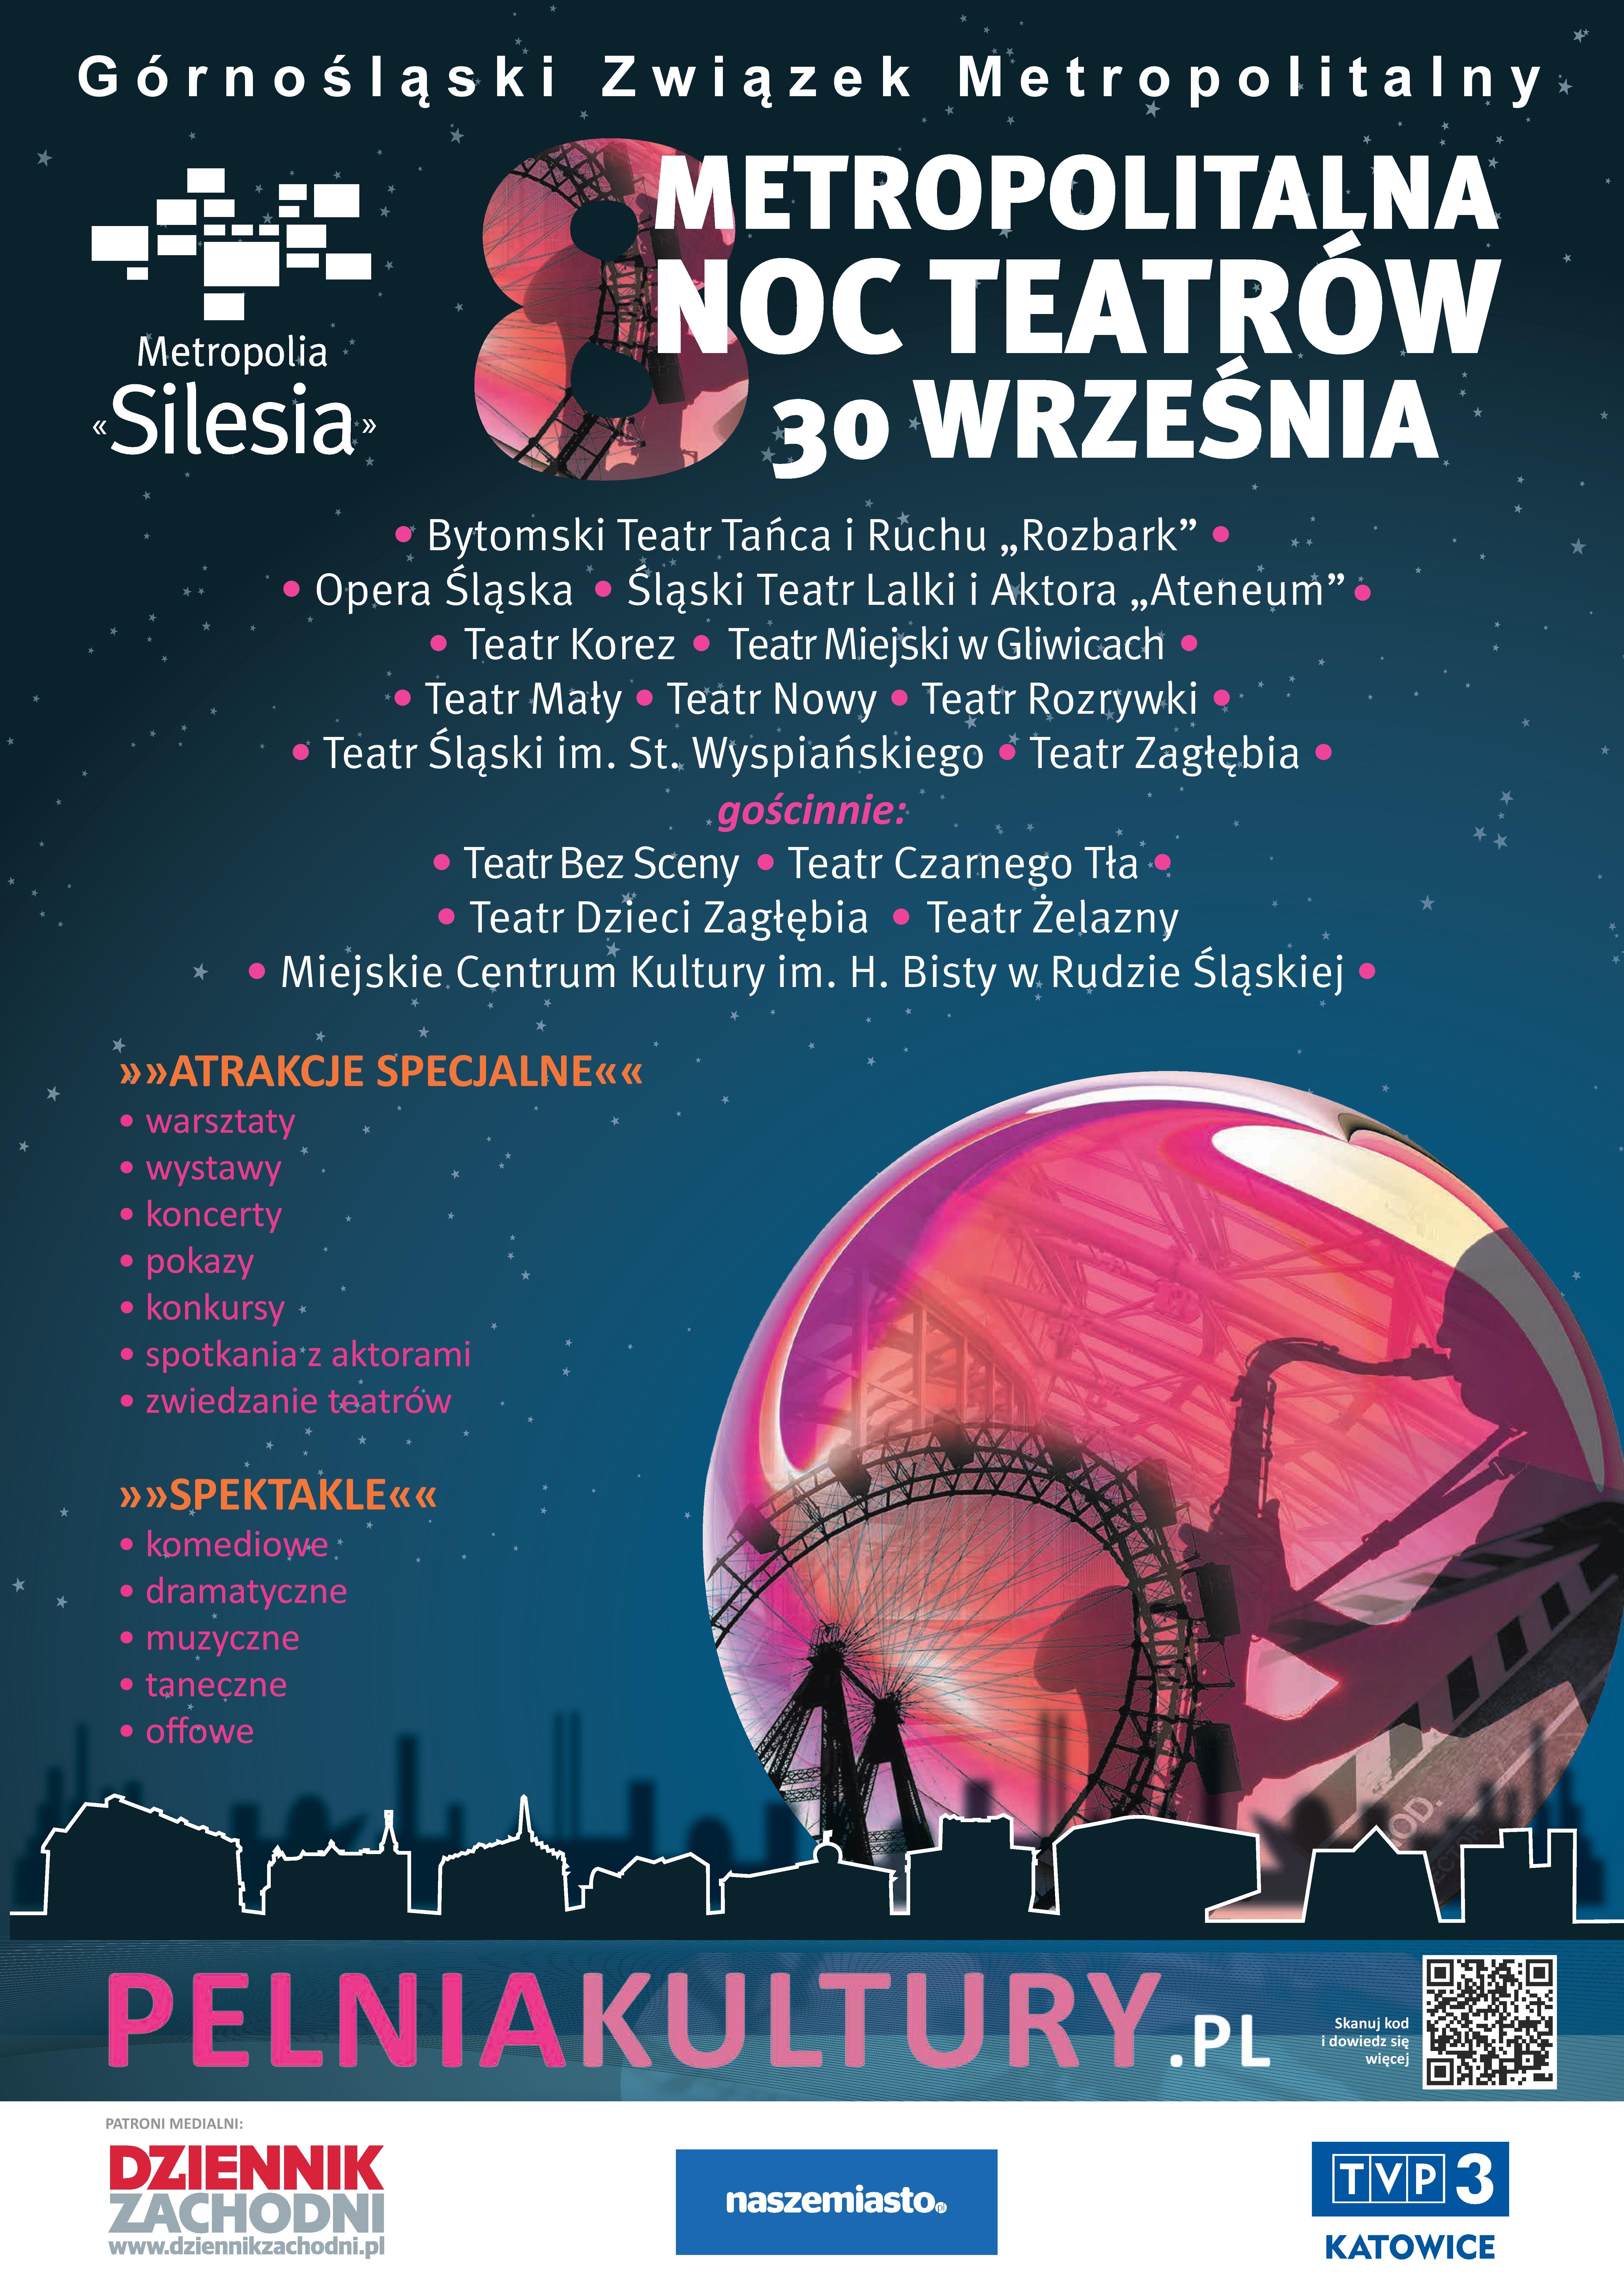 VIII Metropolitalna Noc Teatrów z Teatrem Małym - Tychy